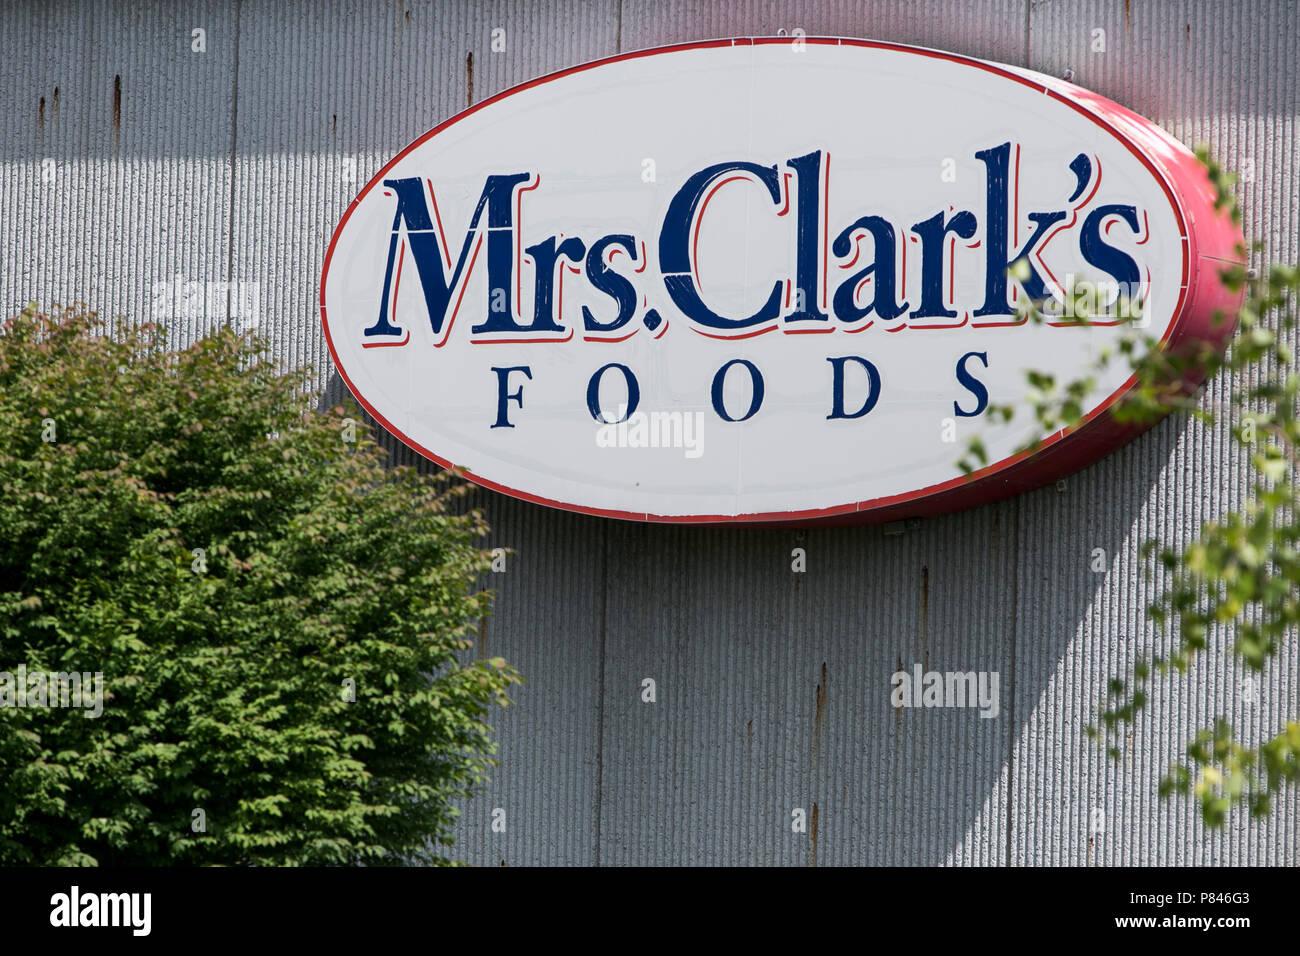 Ein logo Zeichen außerhalb einer Einrichtung, die von Frau Clark's Foods in Ankeny, Iowa belegt, wurde am 30. Juni 2018. Stockbild